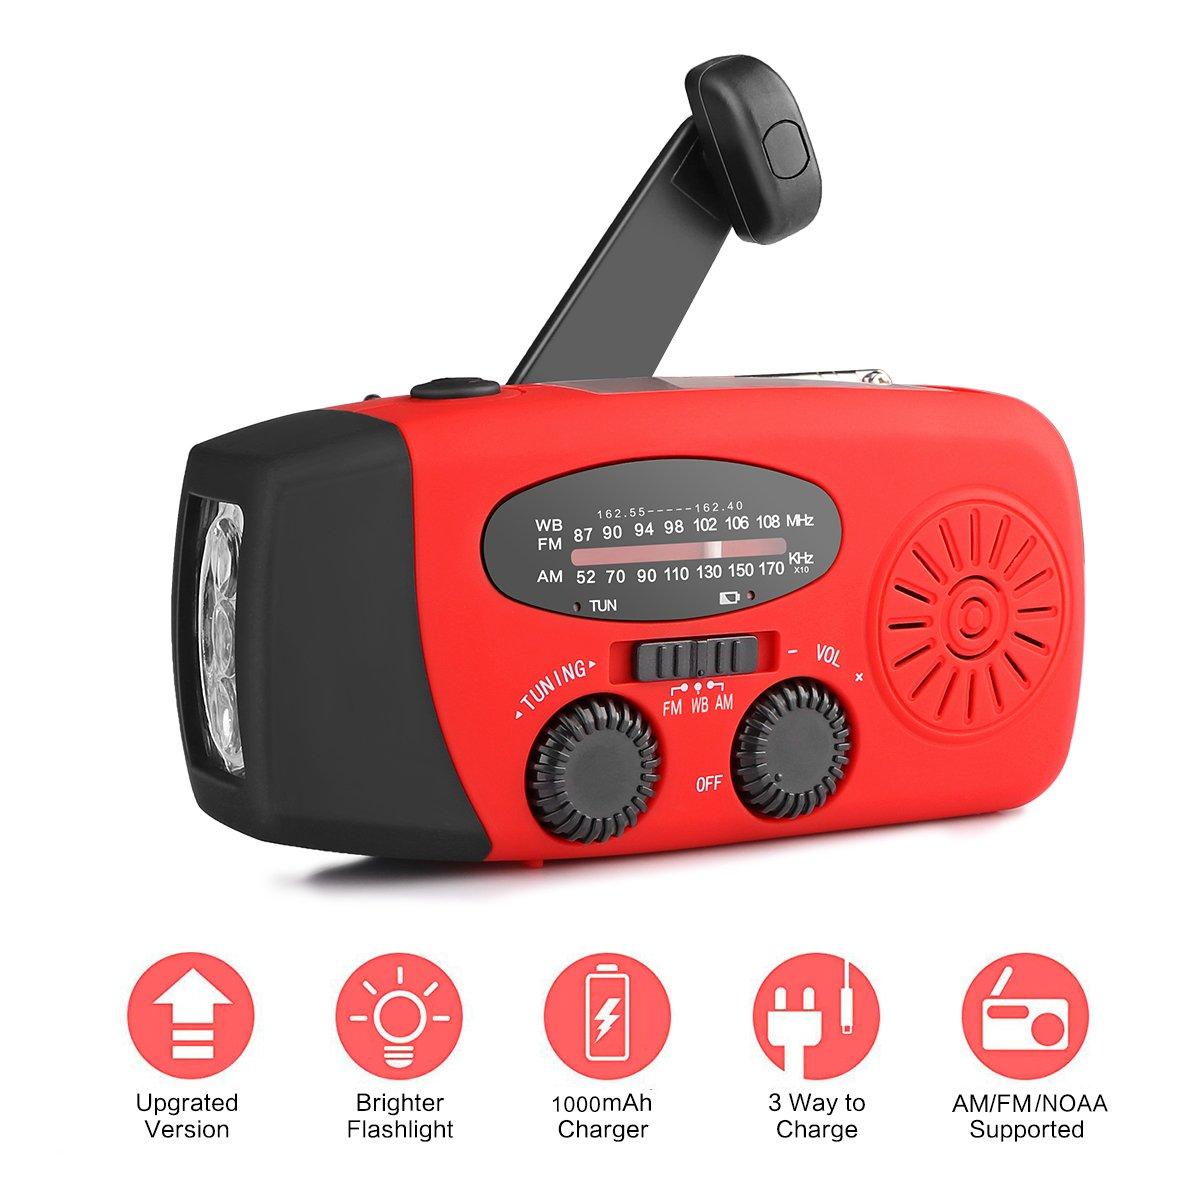 Solar Radio Portátil, AOZBZ Manivela de la Mano Am/FM/NOAA Radio, Multifuncional Dinamo Weather Radio 3-LED Linterna y Cargador para Aire Libre, Senderismo, Camping, Casa y Emergencia 1FI3144257L1TSJ5294